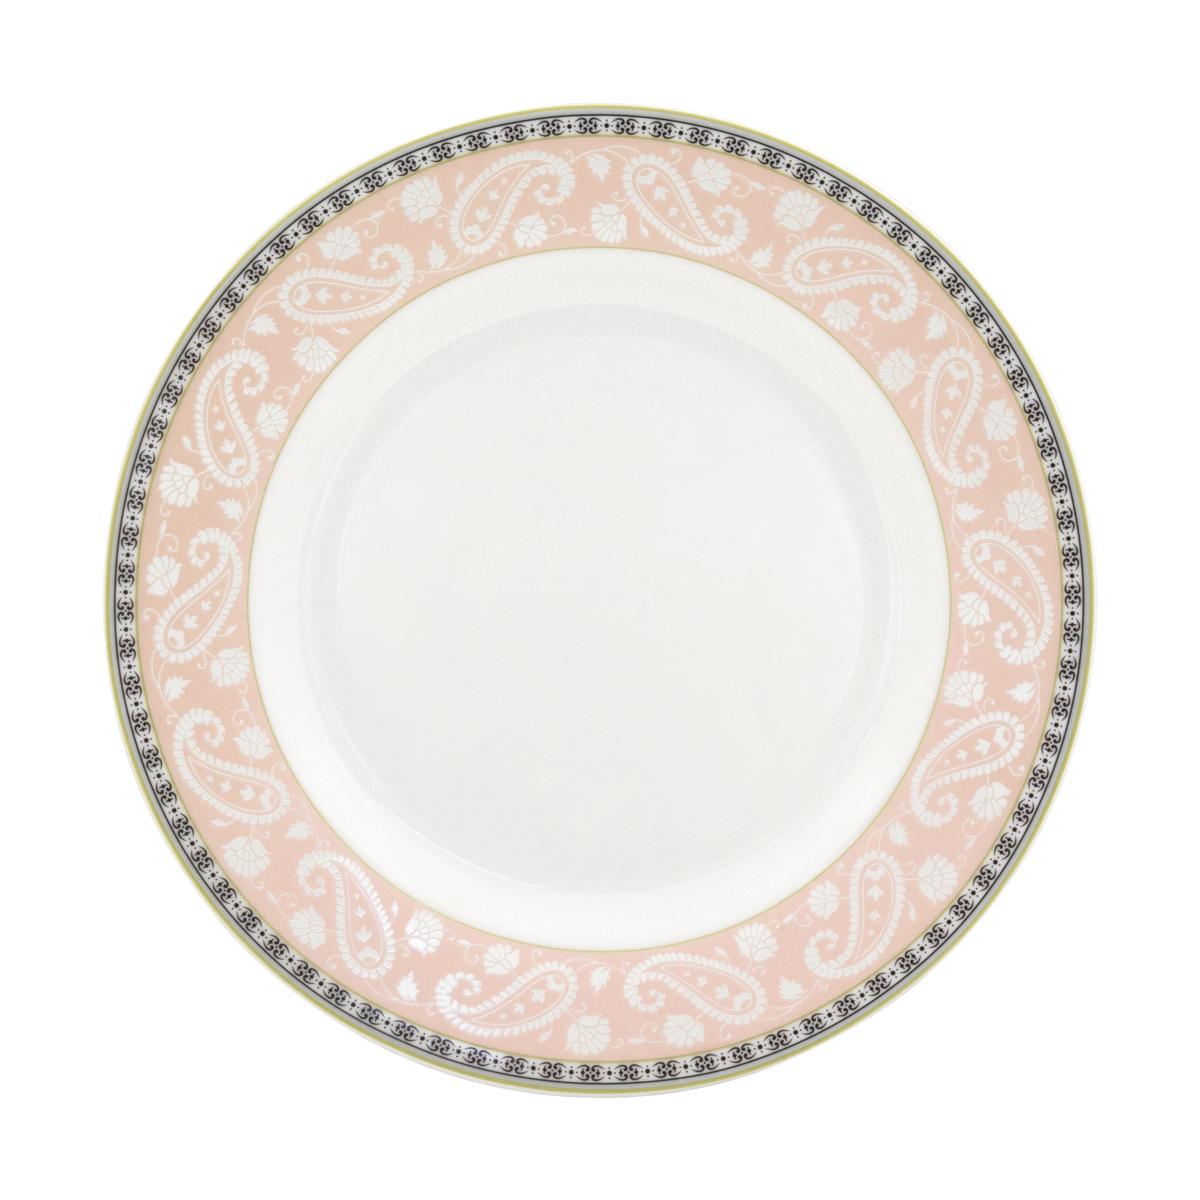 Набор суповых тарелок Esprado Arista Rose, диаметр 23 см, 6 штAJSARN11016Набор Esprado Arista Rose состоит из шести суповых тарелок, выполненных из высококачественного костяногофарфора. Над созданием дизайна коллекций посуды из фарфора Esprado работает международная команда высококлассных дизайнеров, не только воплощающих в жизнь все новейшие тренды, но также и придерживающихся многовековых традиций при создании классических коллекций. Посуда из костяного фарфора будет идеальным выбором, для тех, кто предпочитает красивую современную посуду из высококачественного материала, которая отличается высокой прочностью и подходит для ежедневного использования. Посуда из коллекции Arista Rose прекрасно подойдет для уютного домашнего ужина, придав ему легкий оттенок торжественности. Тонкий огуречный узор в сочетании с нежным розовым цветом создает ощущение мягкости и тепла. Можно использовать в микроволновки печи и мыть в посудомоечной машине.